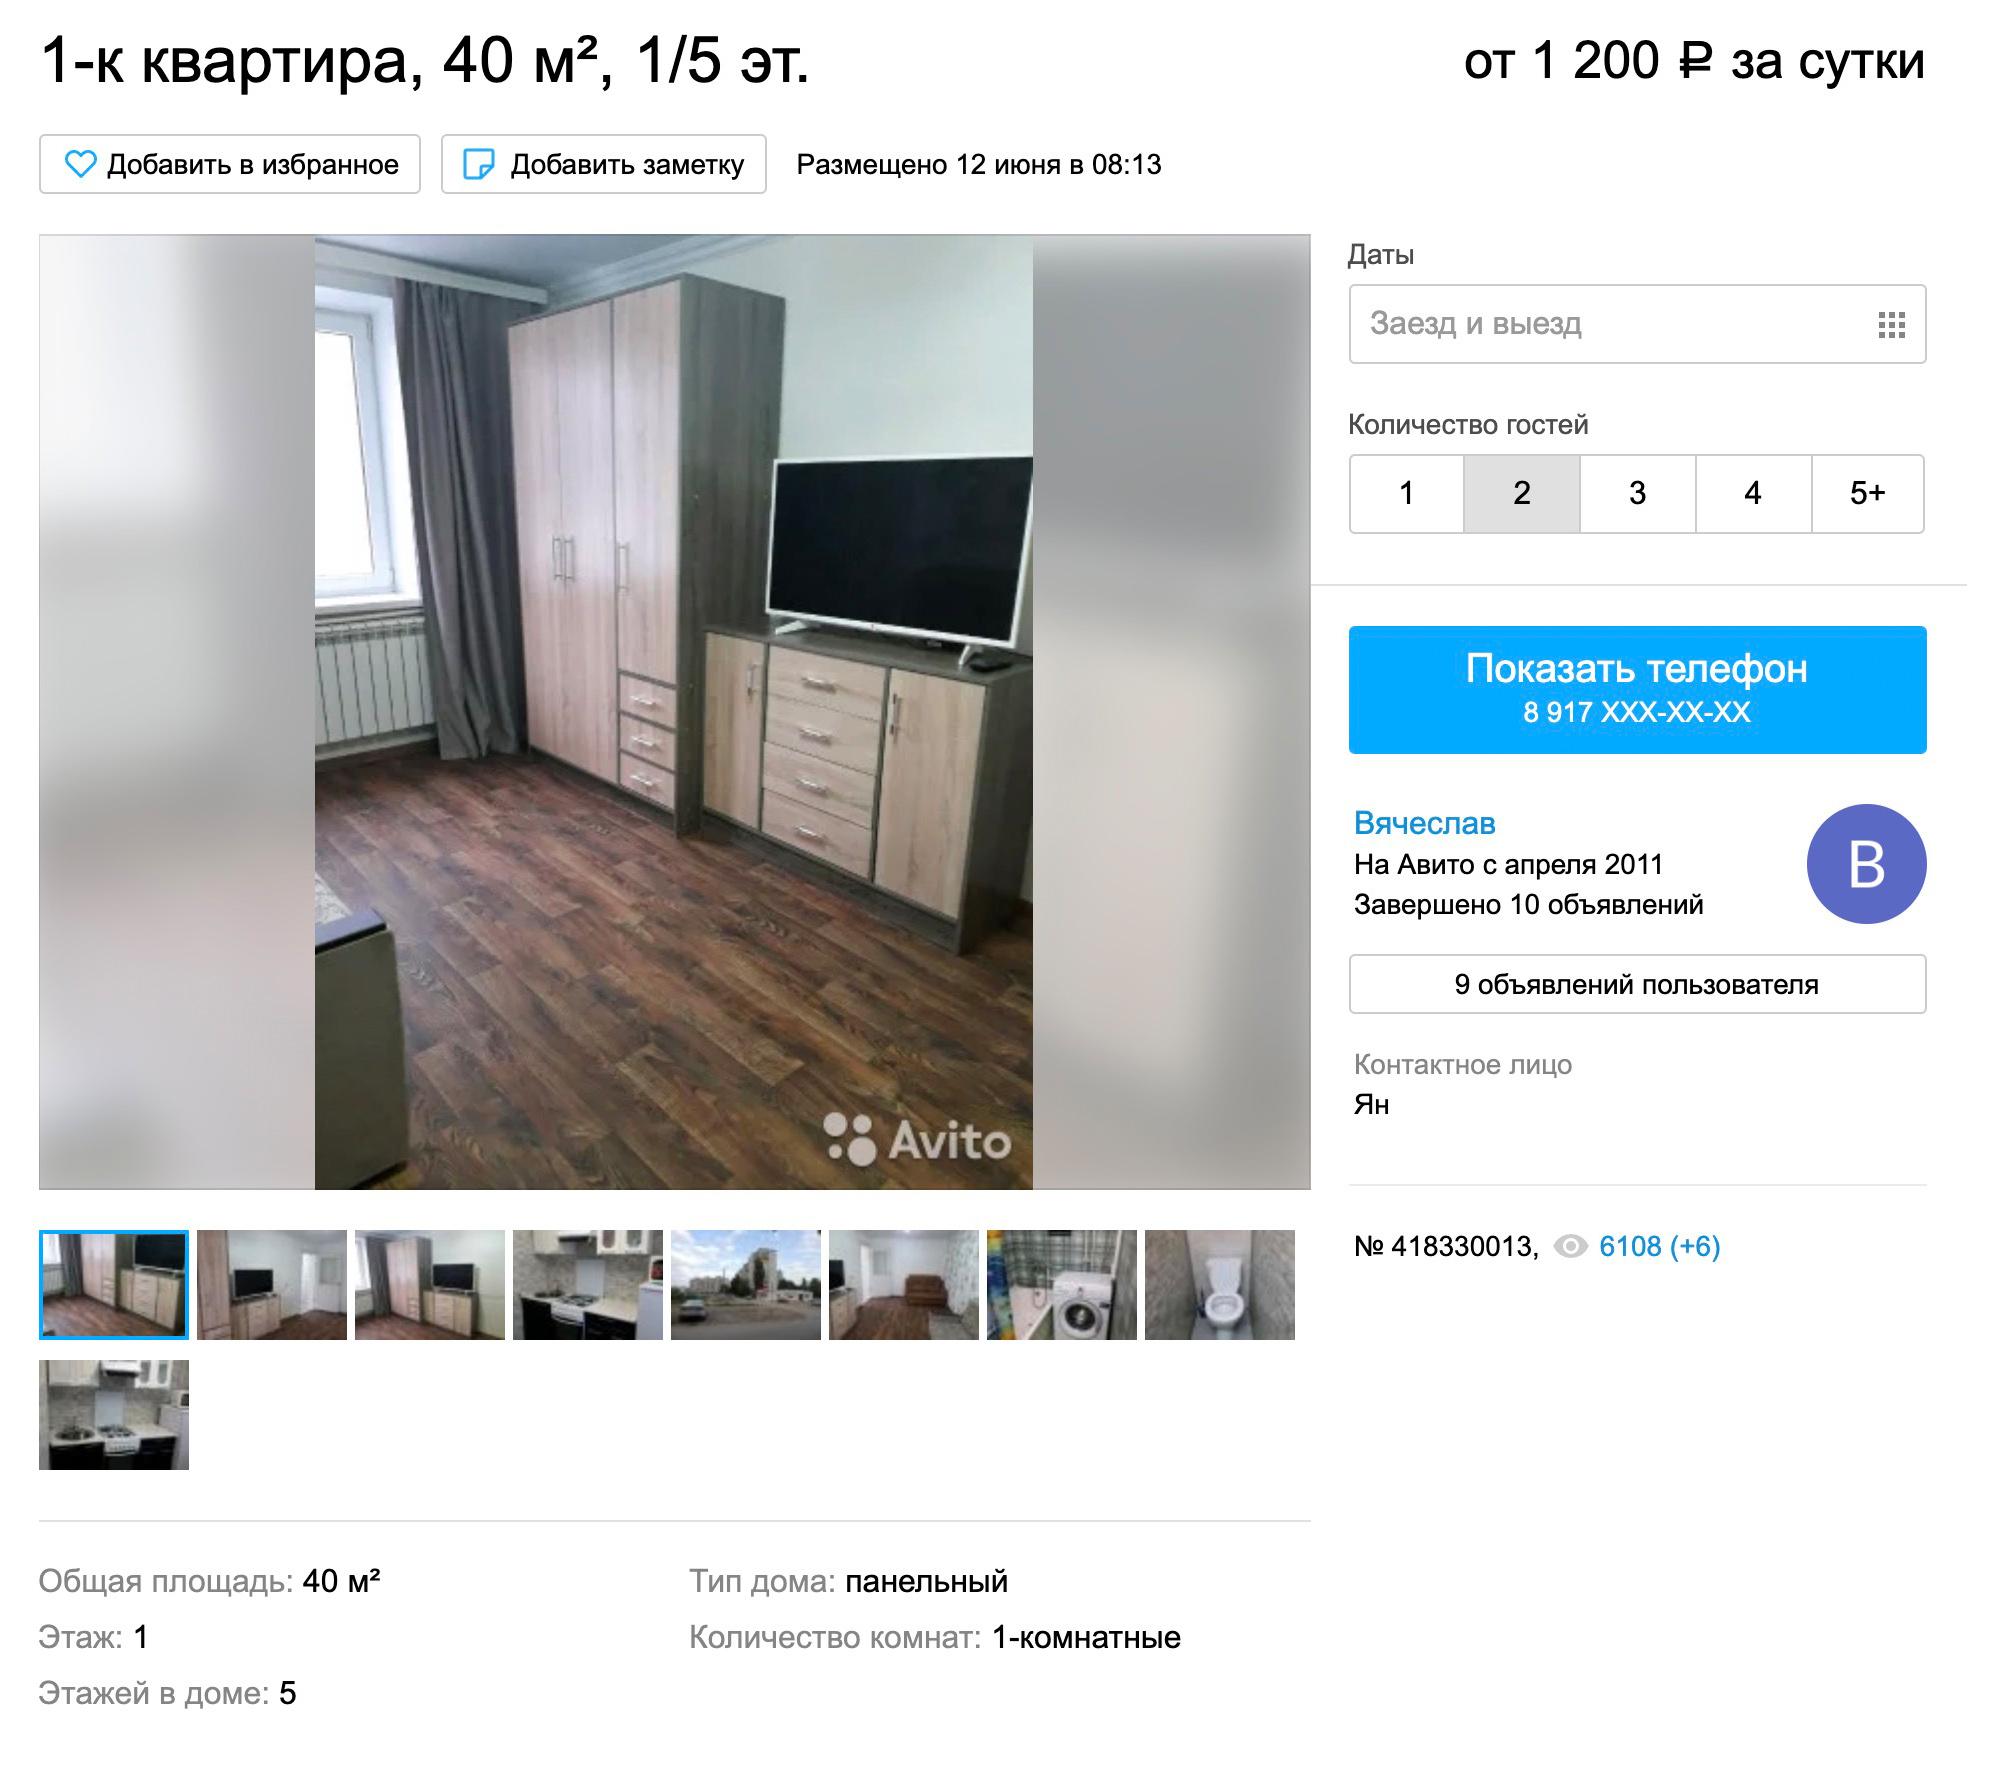 Аренда приличной однокомнатной квартиры с мебелью и бытовой техникой на «Авито» стоит 1200 р. в сутки